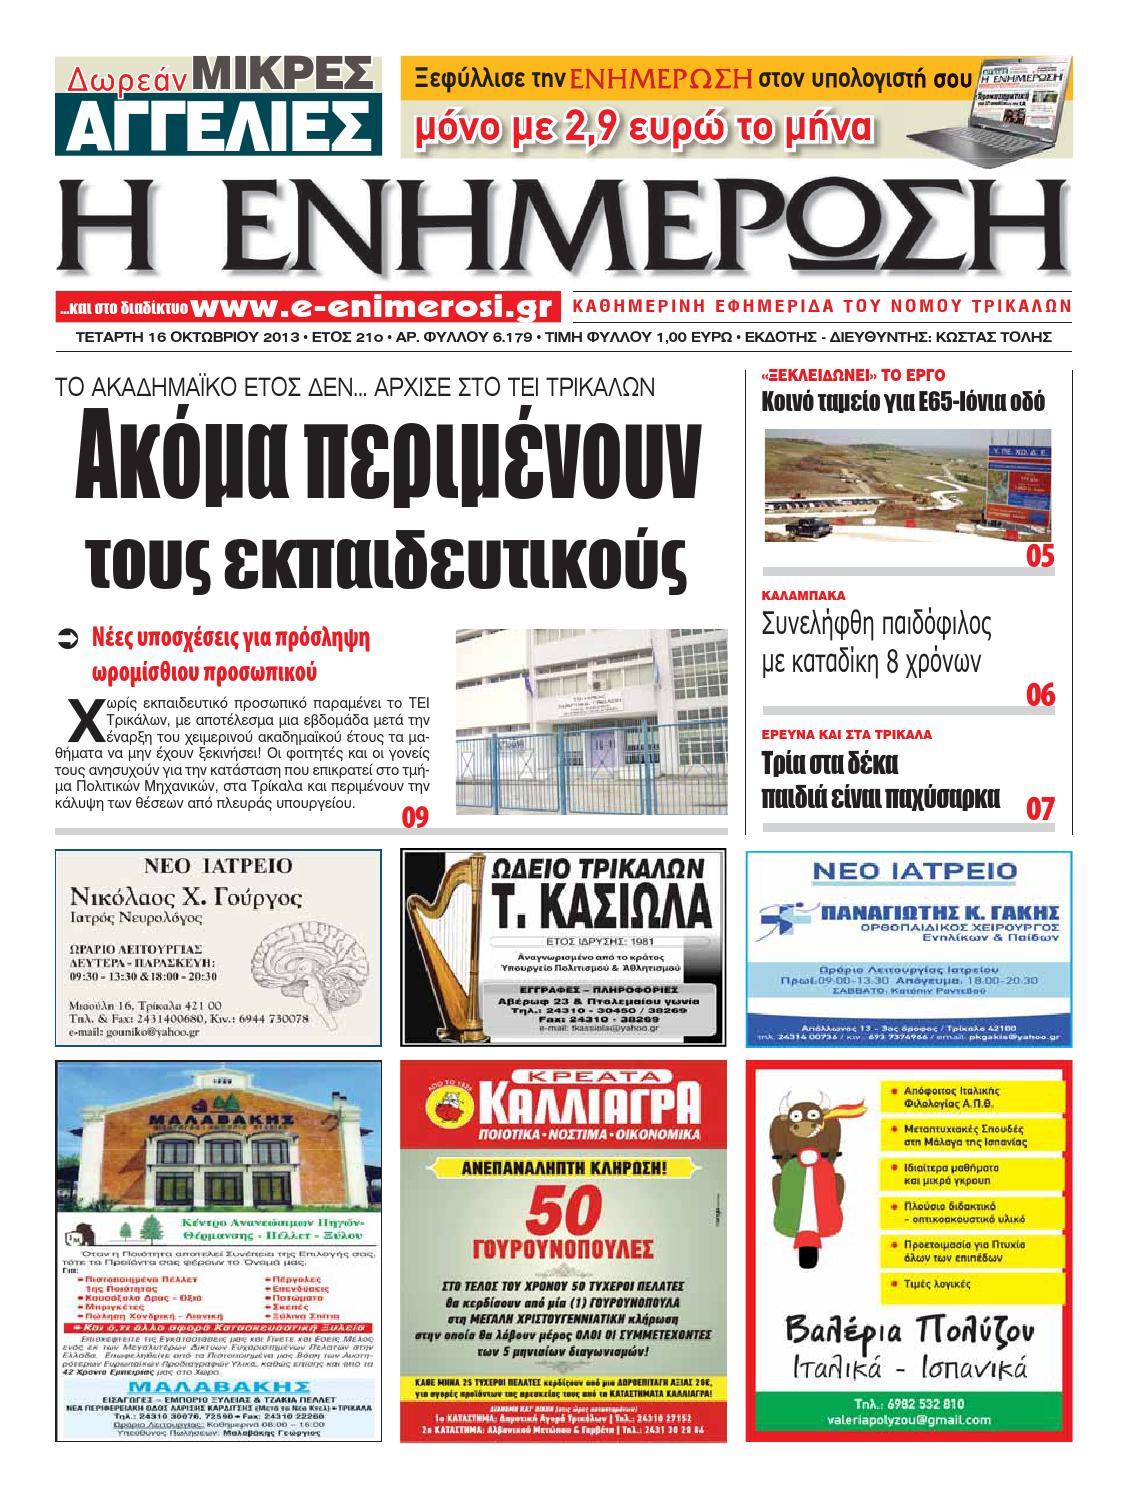 4a1d21b3eef ΕΝΗΜΕΡΩΣΗ by ENHMEROSH - issuu